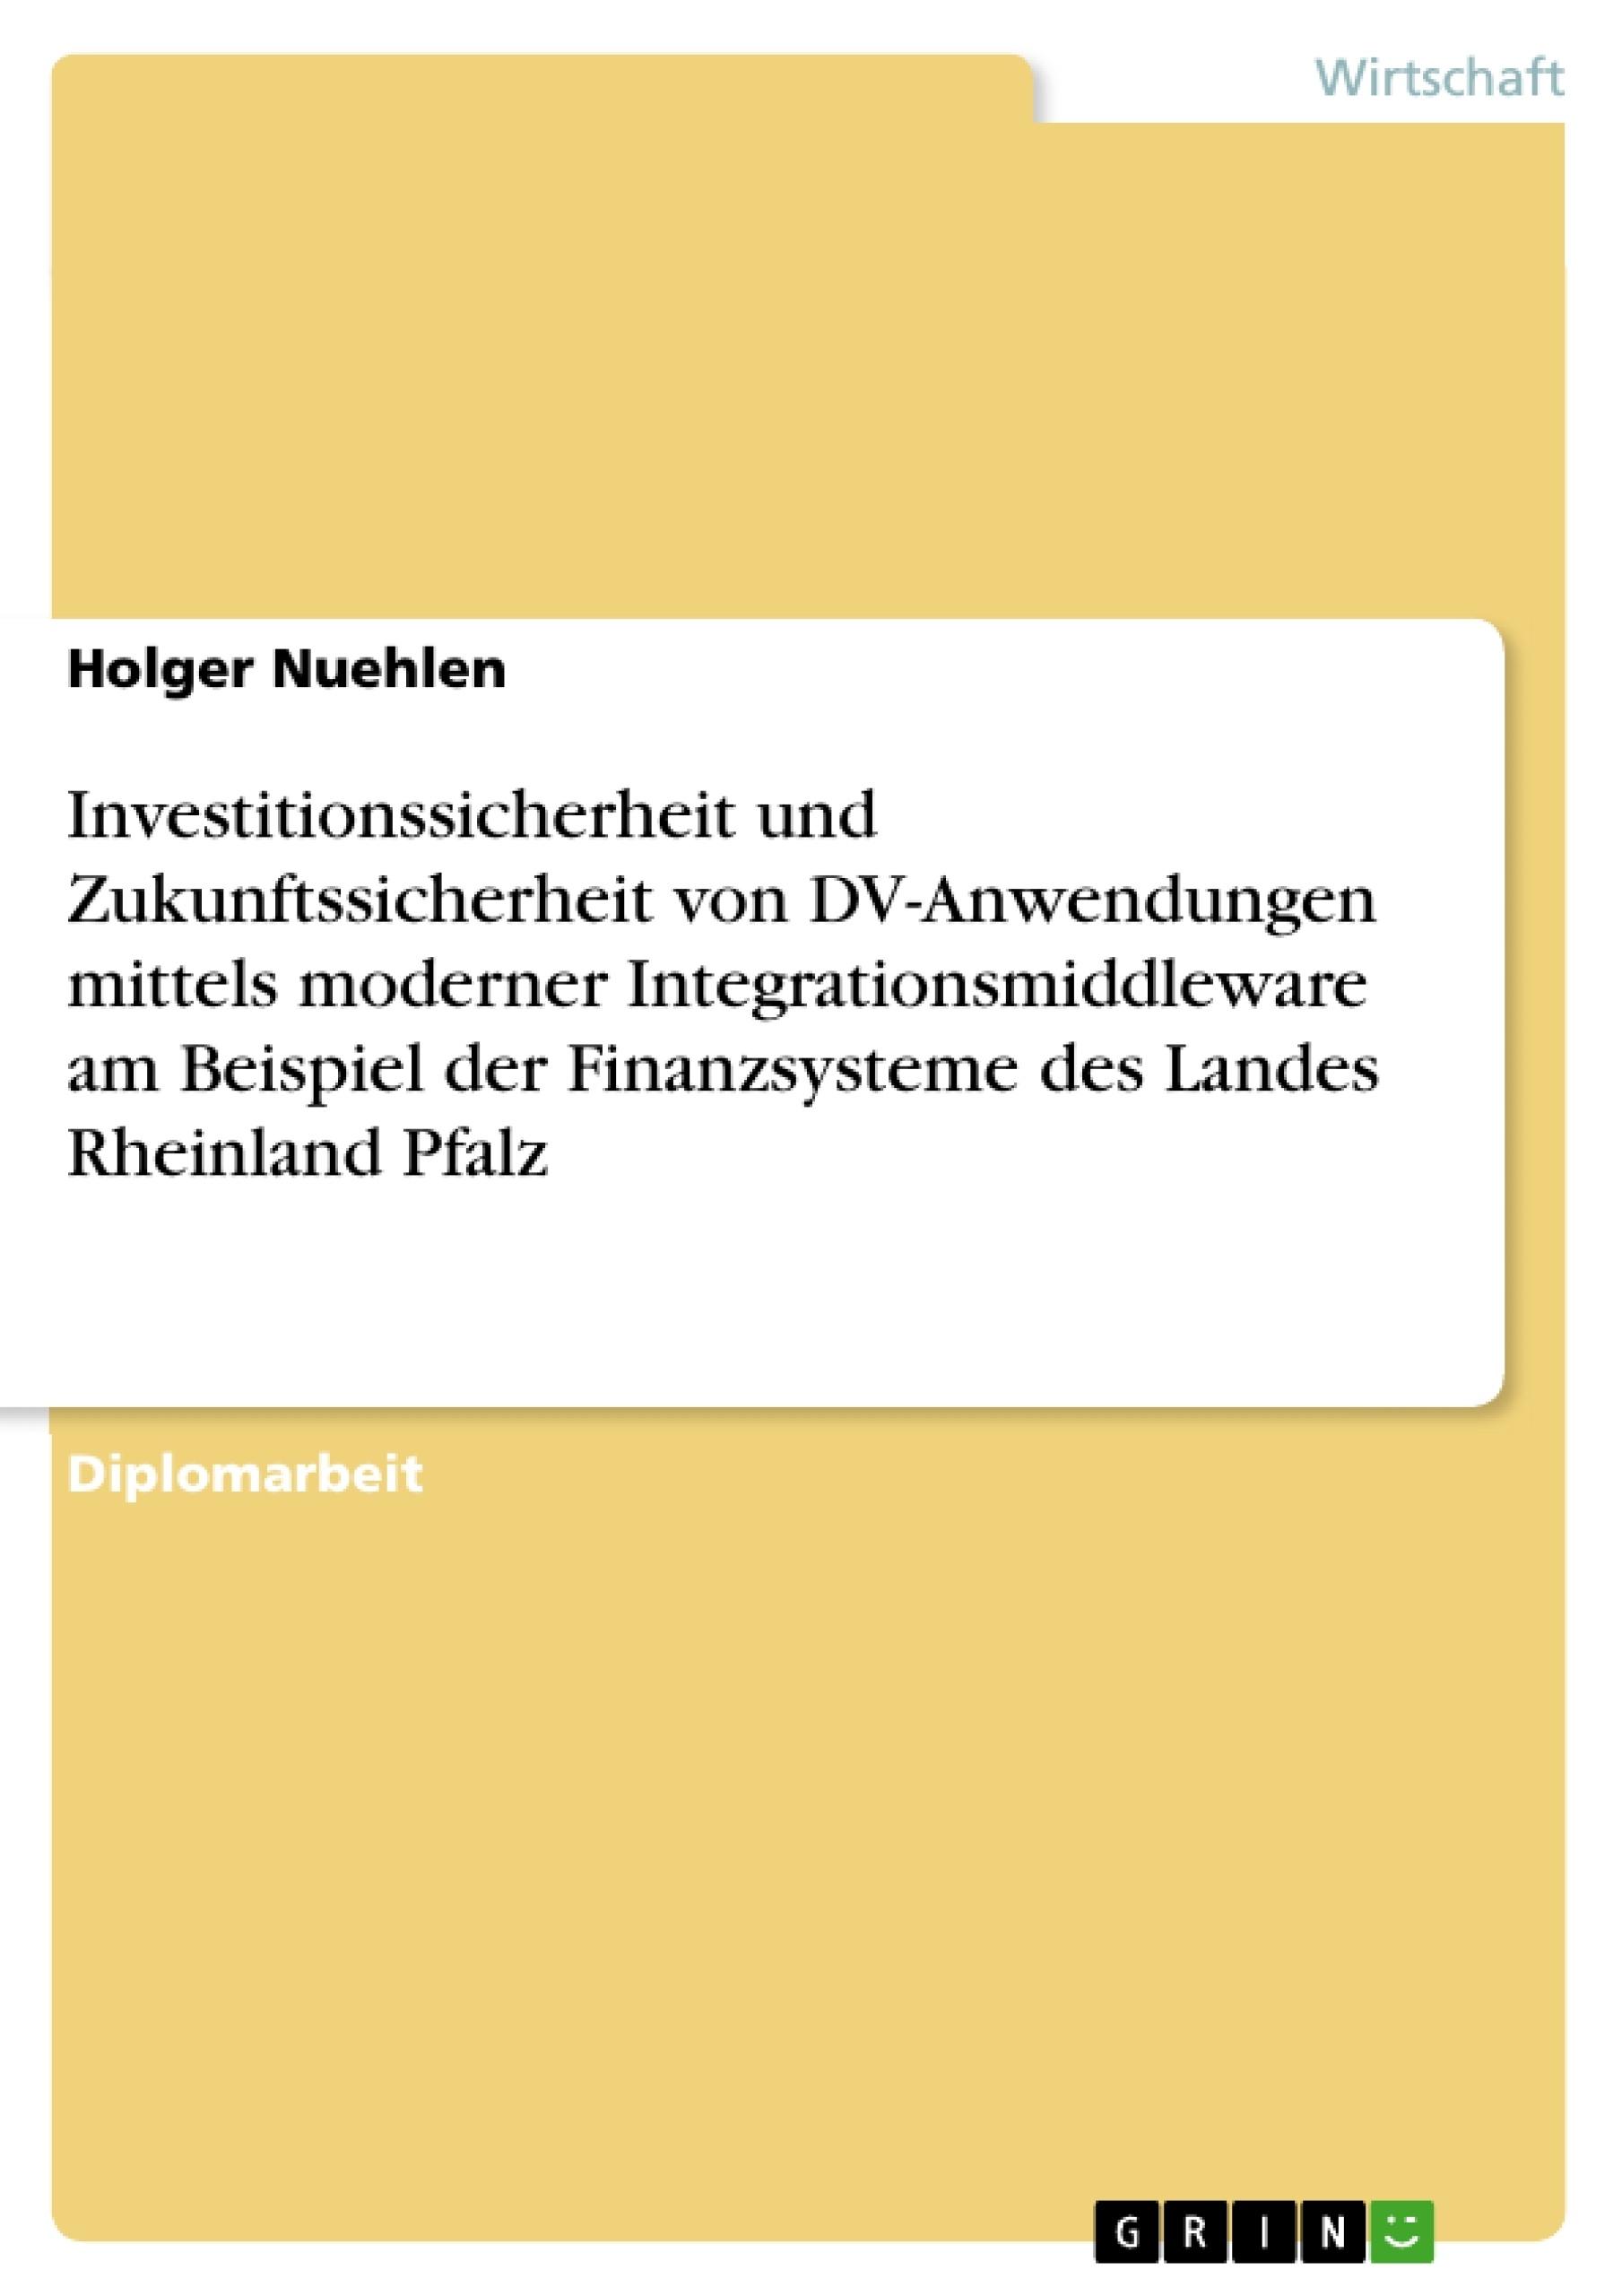 Titel: Investitionssicherheit und Zukunftssicherheit von DV-Anwendungen mittels moderner Integrationsmiddleware am Beispiel der Finanzsysteme des Landes Rheinland Pfalz